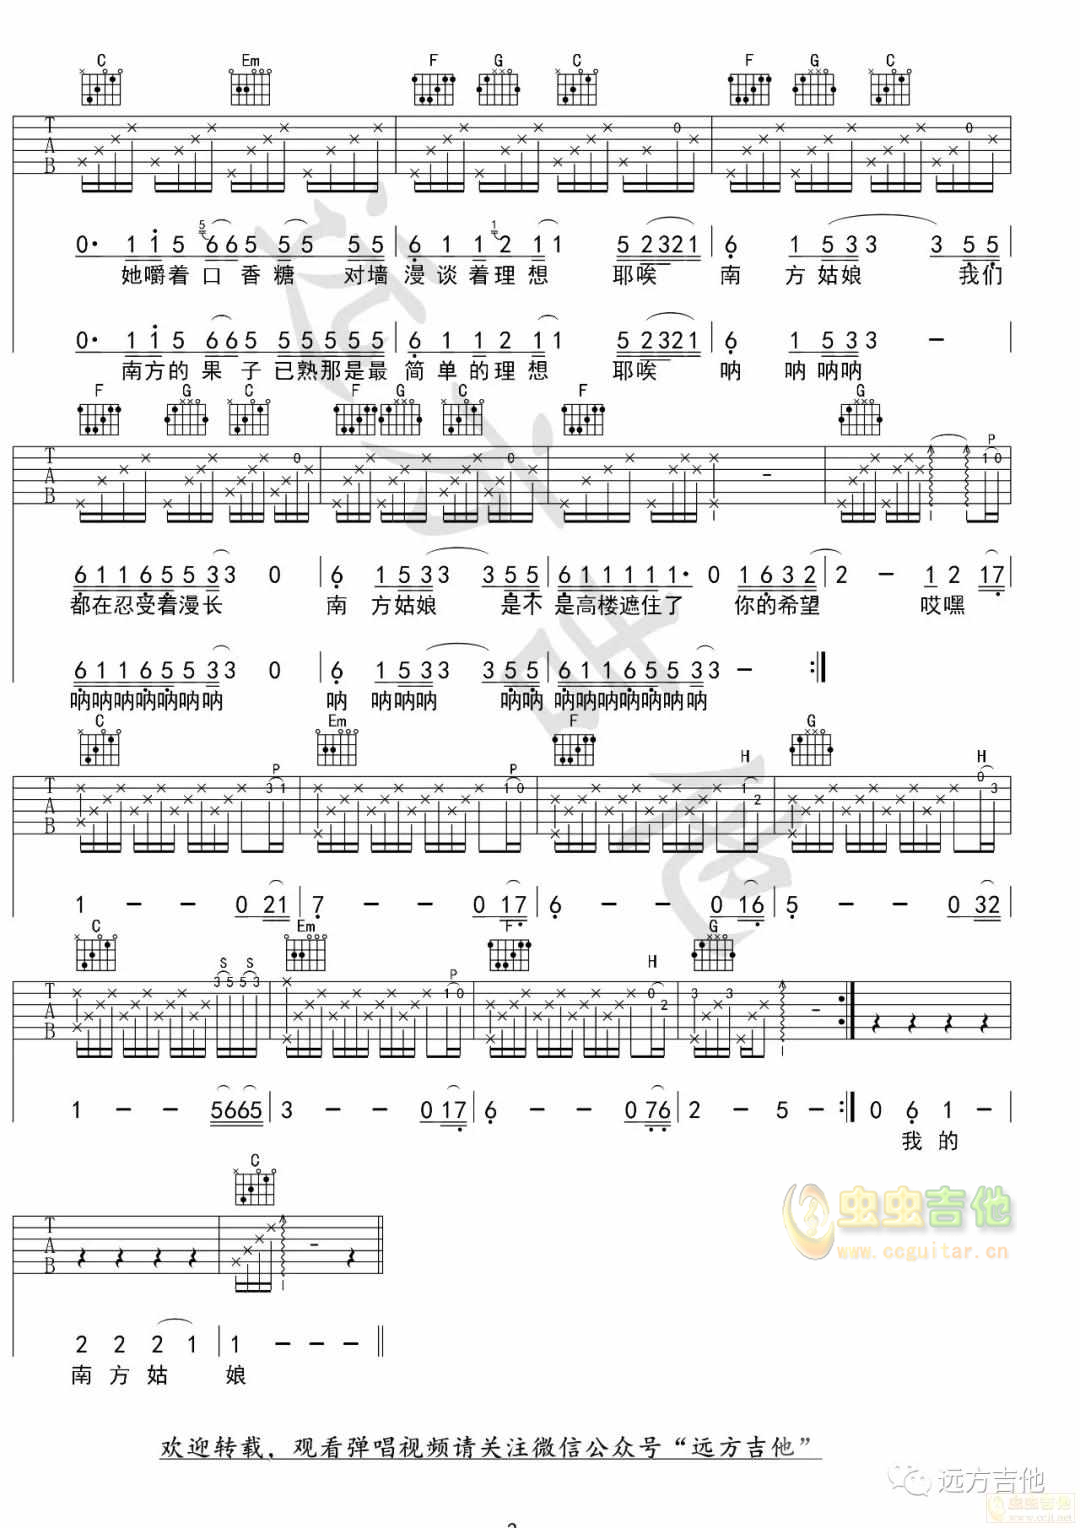 南方姑娘 弹唱谱C调六线吉他谱 虫虫吉他谱免费下载